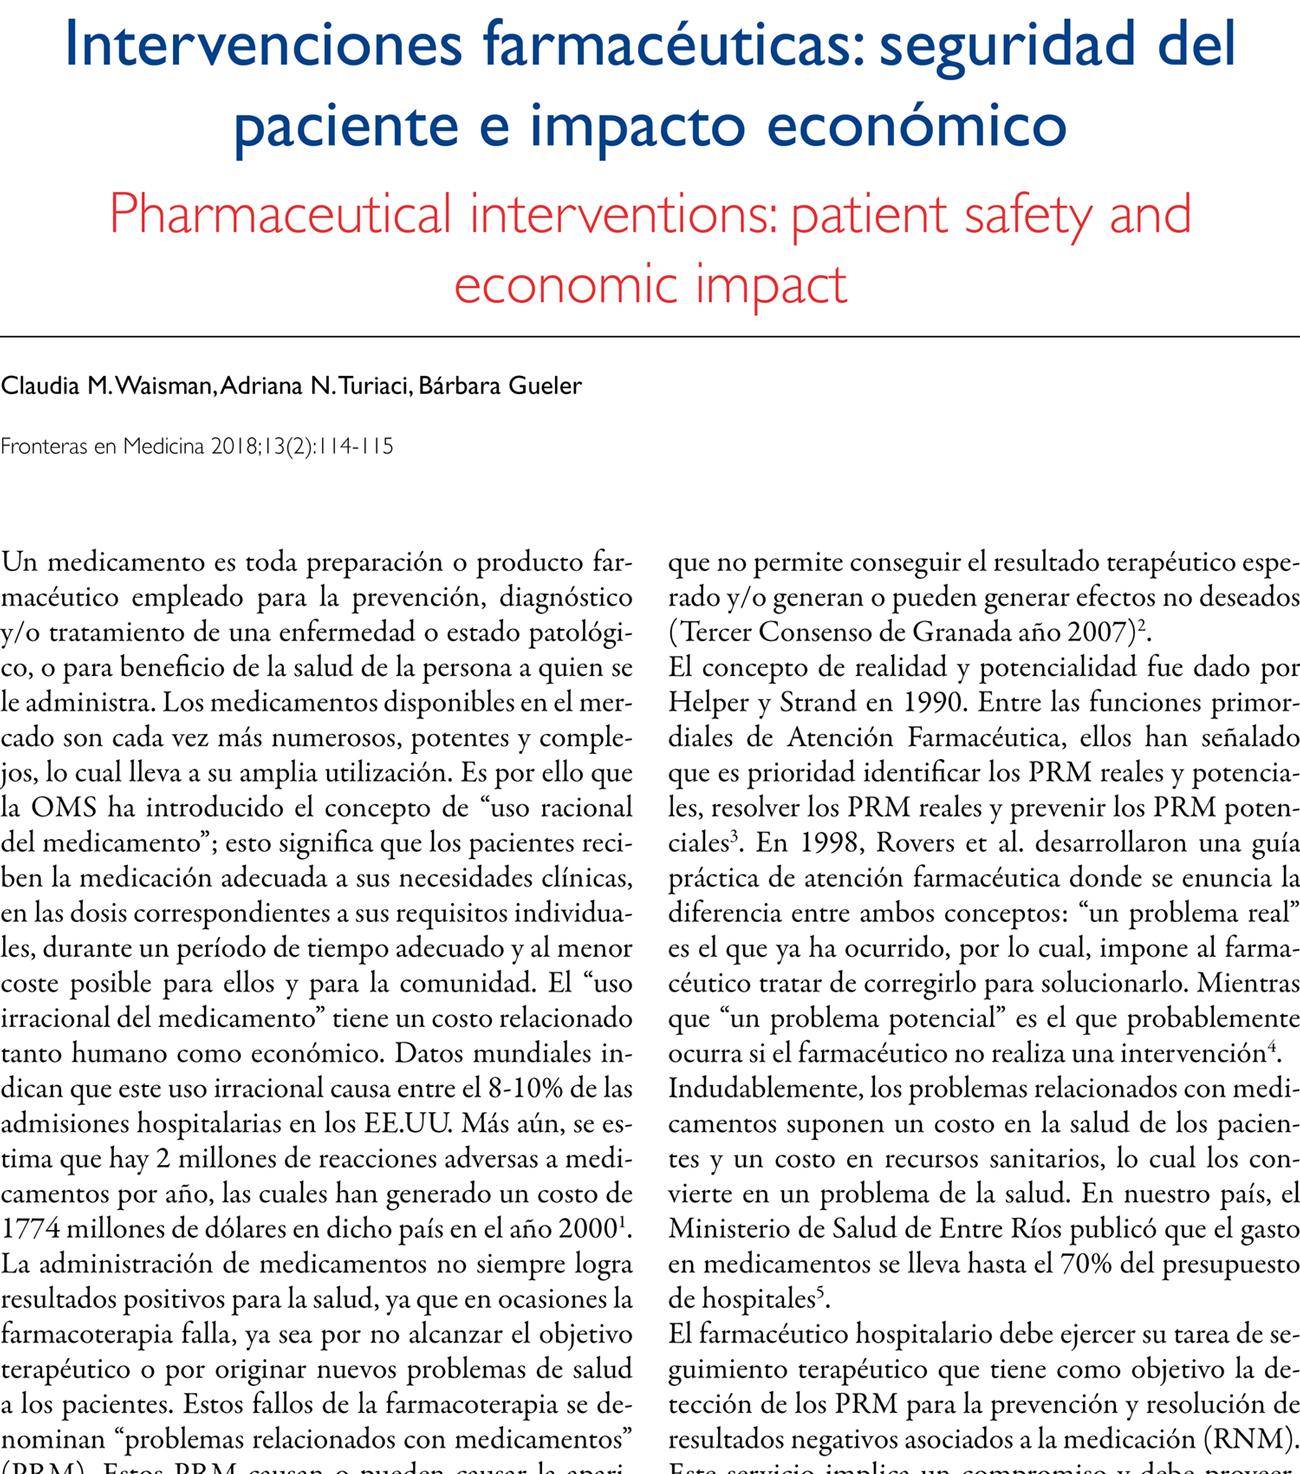 Intervenciones farmacéuticas: seguridad del paciente e impacto económico